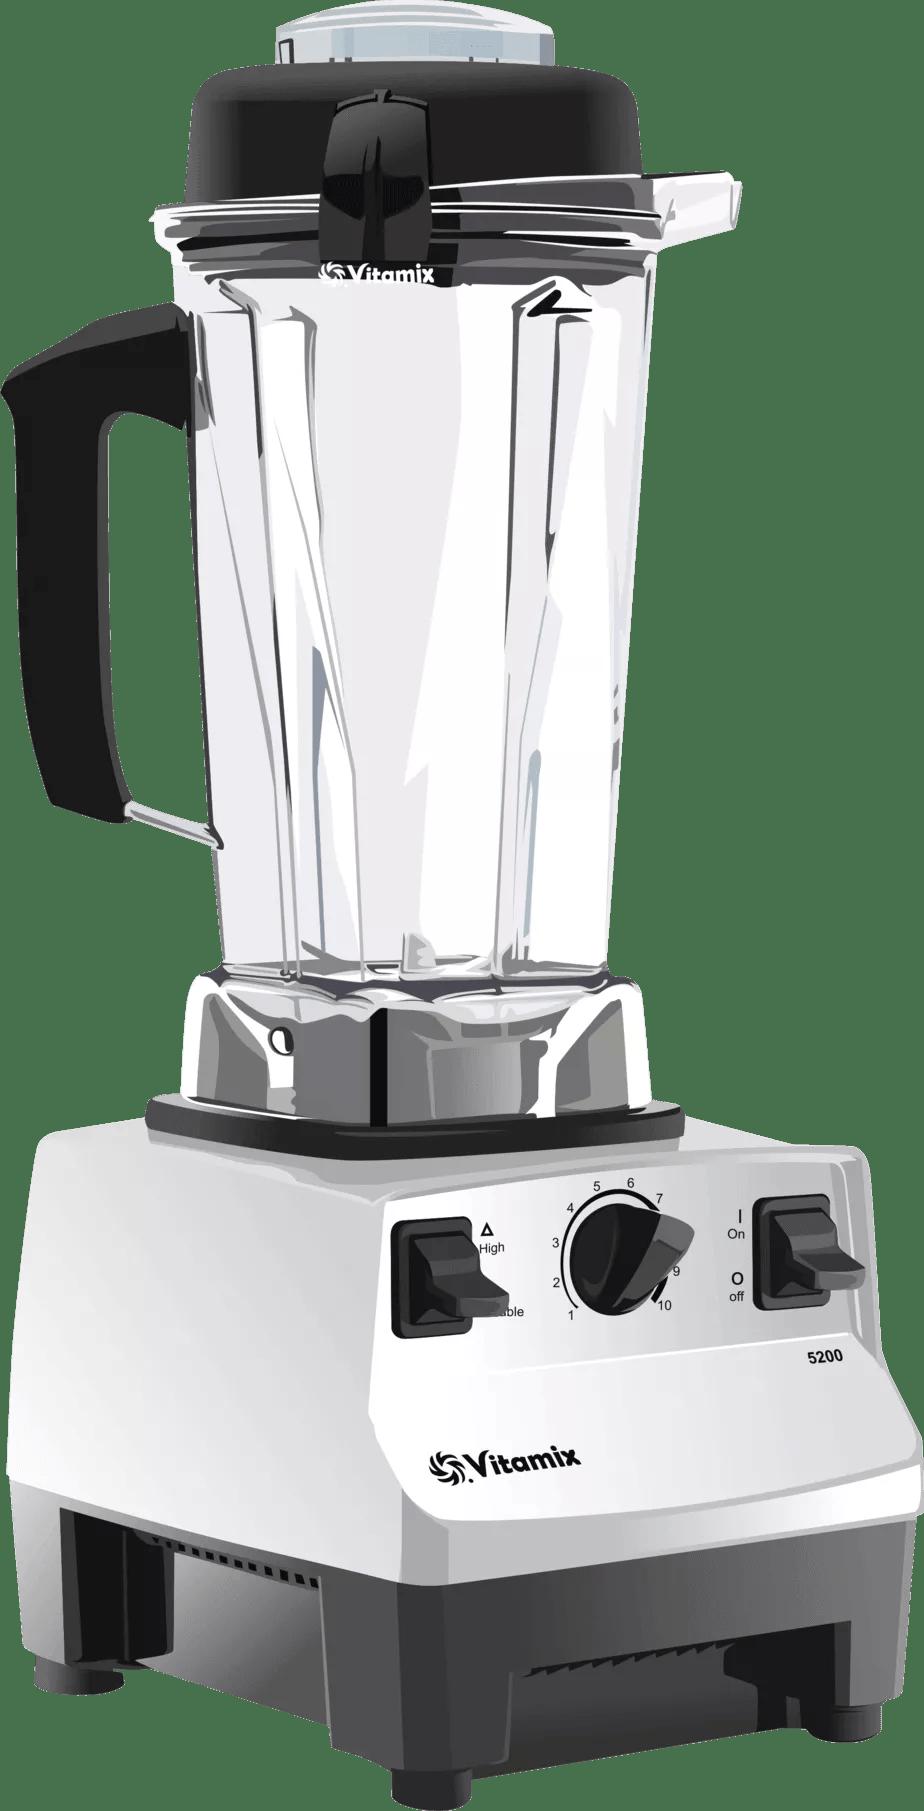 Vitamix 5200 Parts : vitamix, parts, Vitamix, Blender, Review, (2021, Update), Instapot